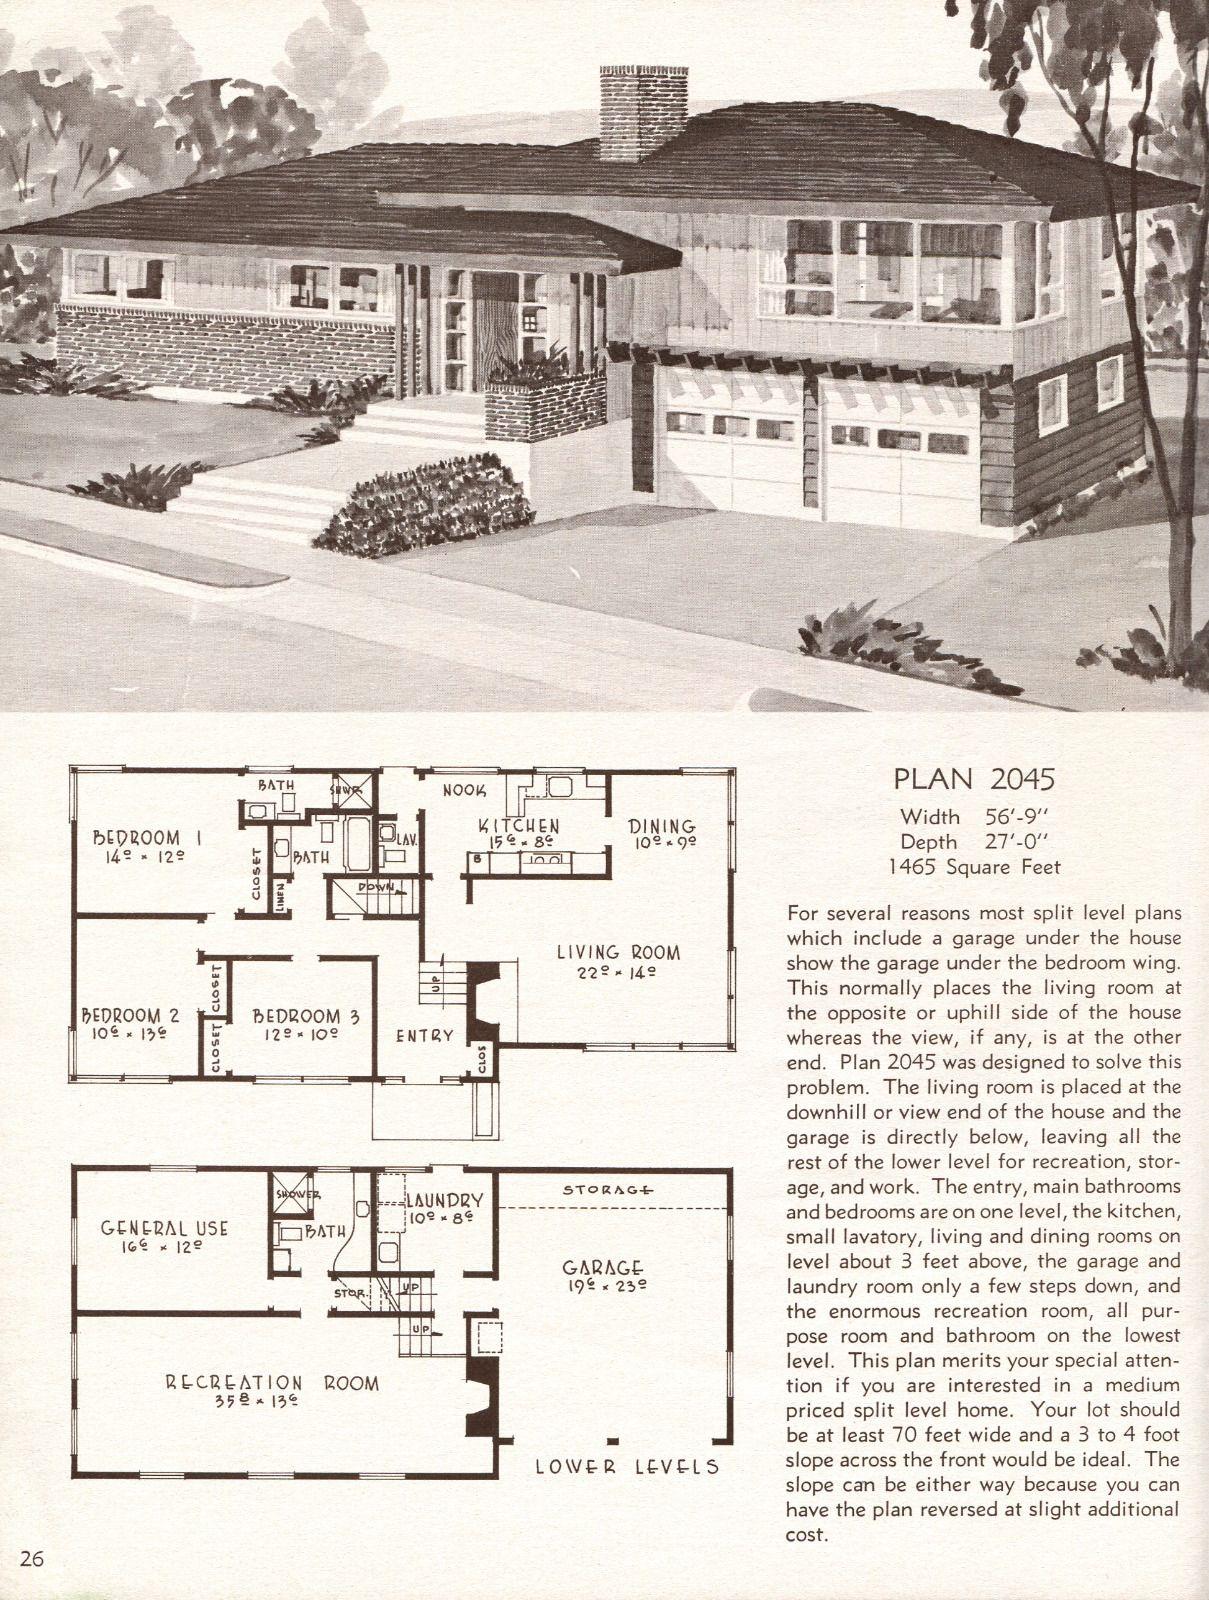 United States 1958 Plan 2045 A Large Split Level Vintage